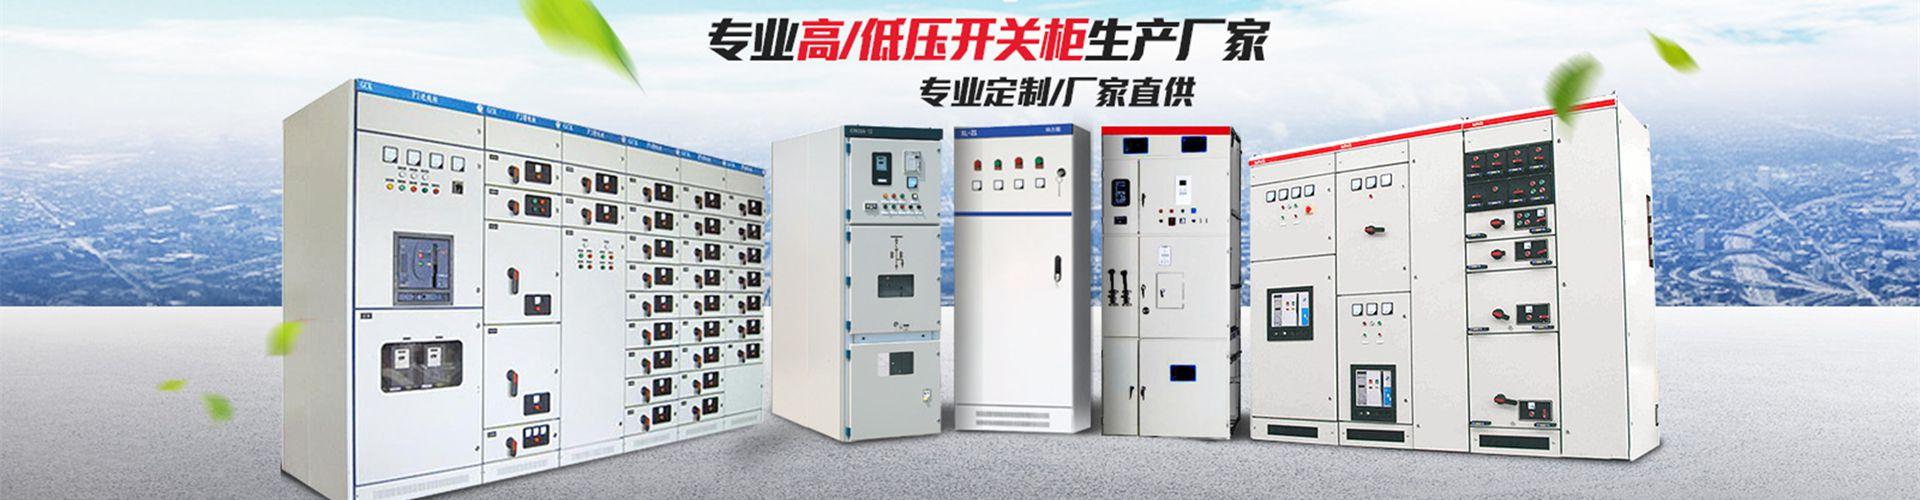 西安红光智能电气有限公司